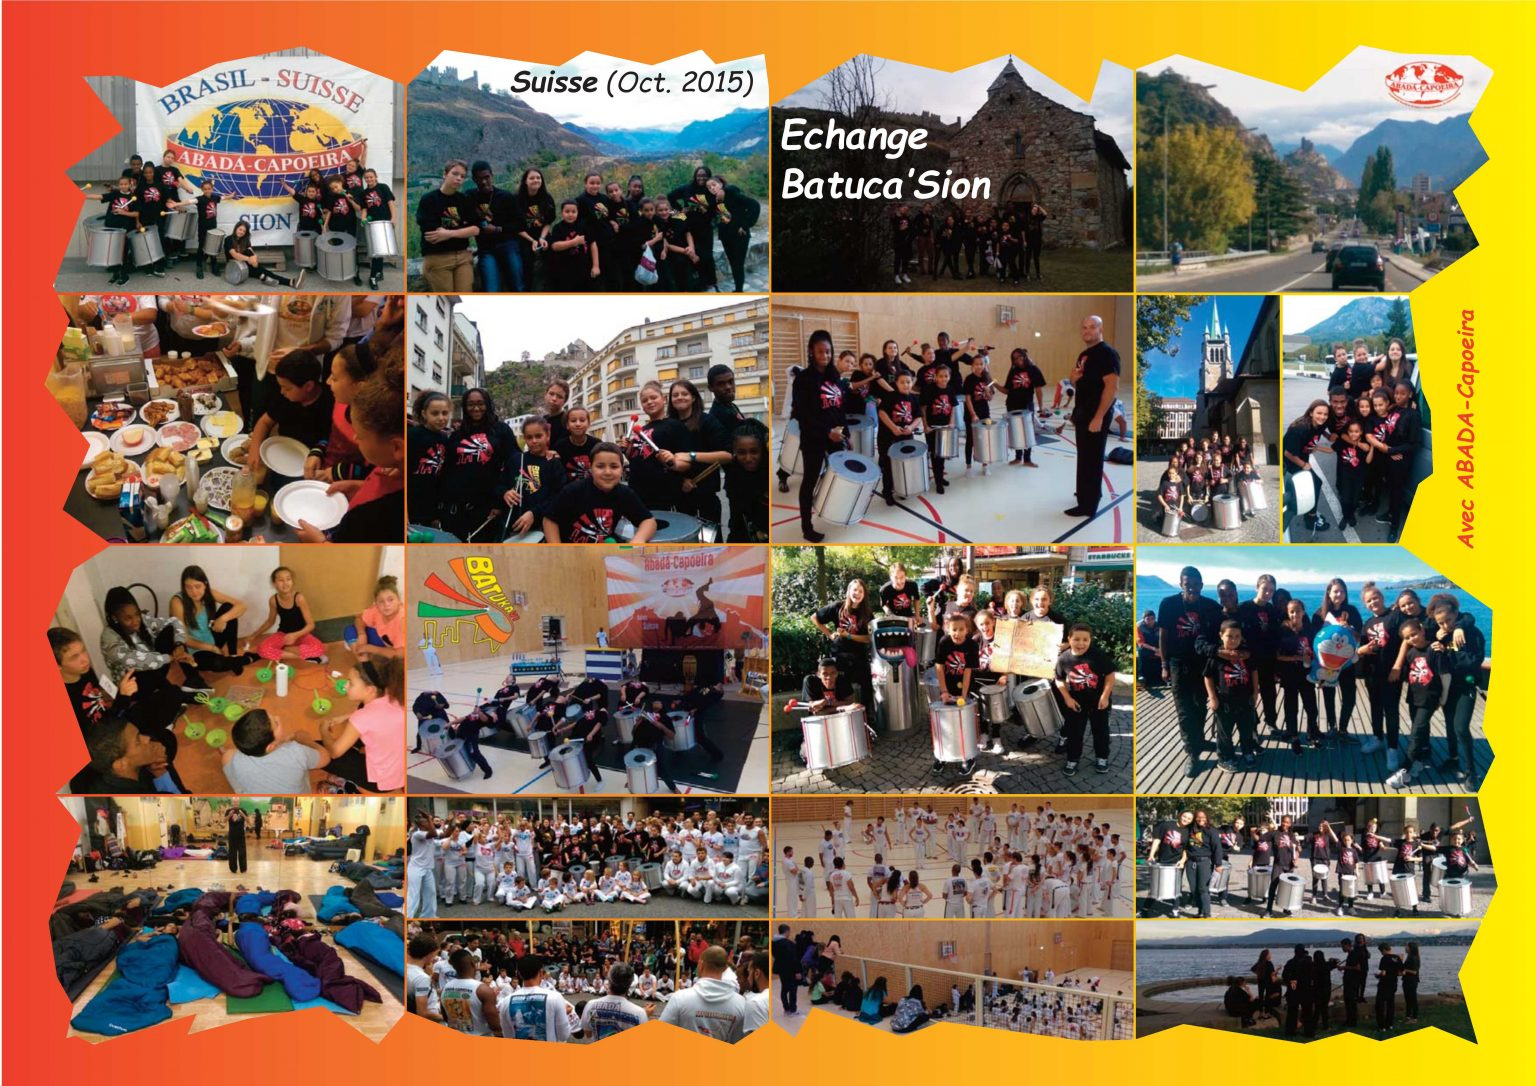 BatukaVI - Panneau Photos 2015-10 Echange Batuca'Sion (Réduit)